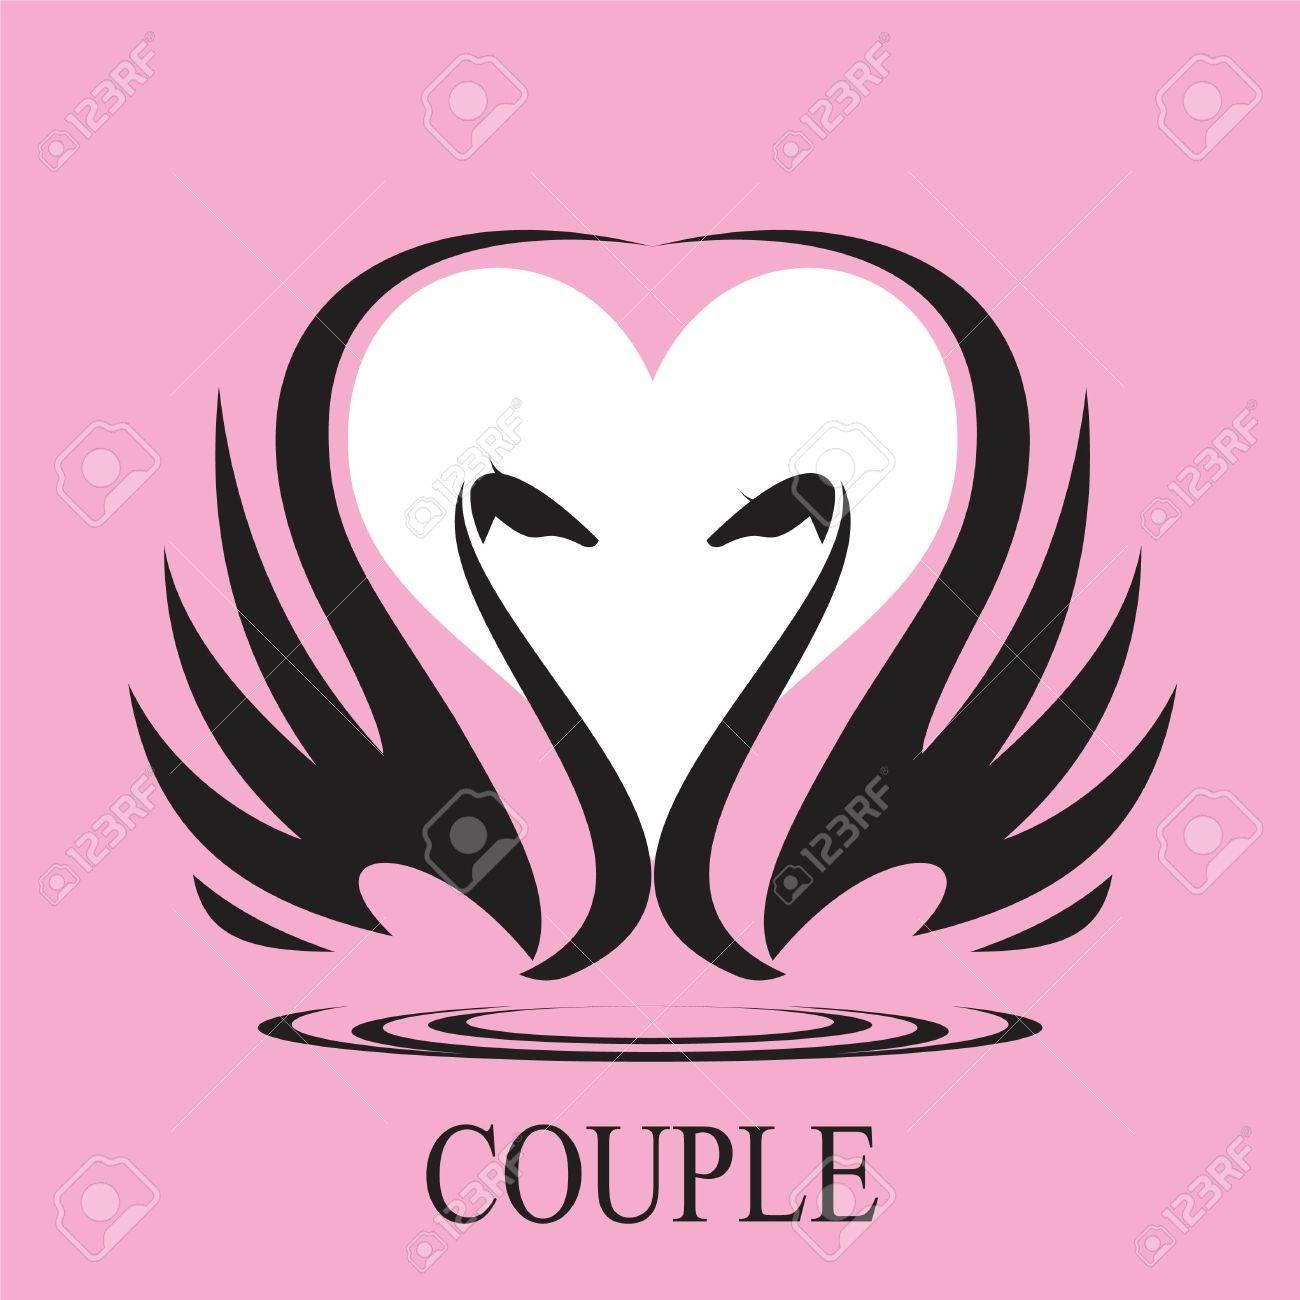 Paar Paar Schwan Und Herz Symbol Paar In Der Liebe Verwendbar Fur